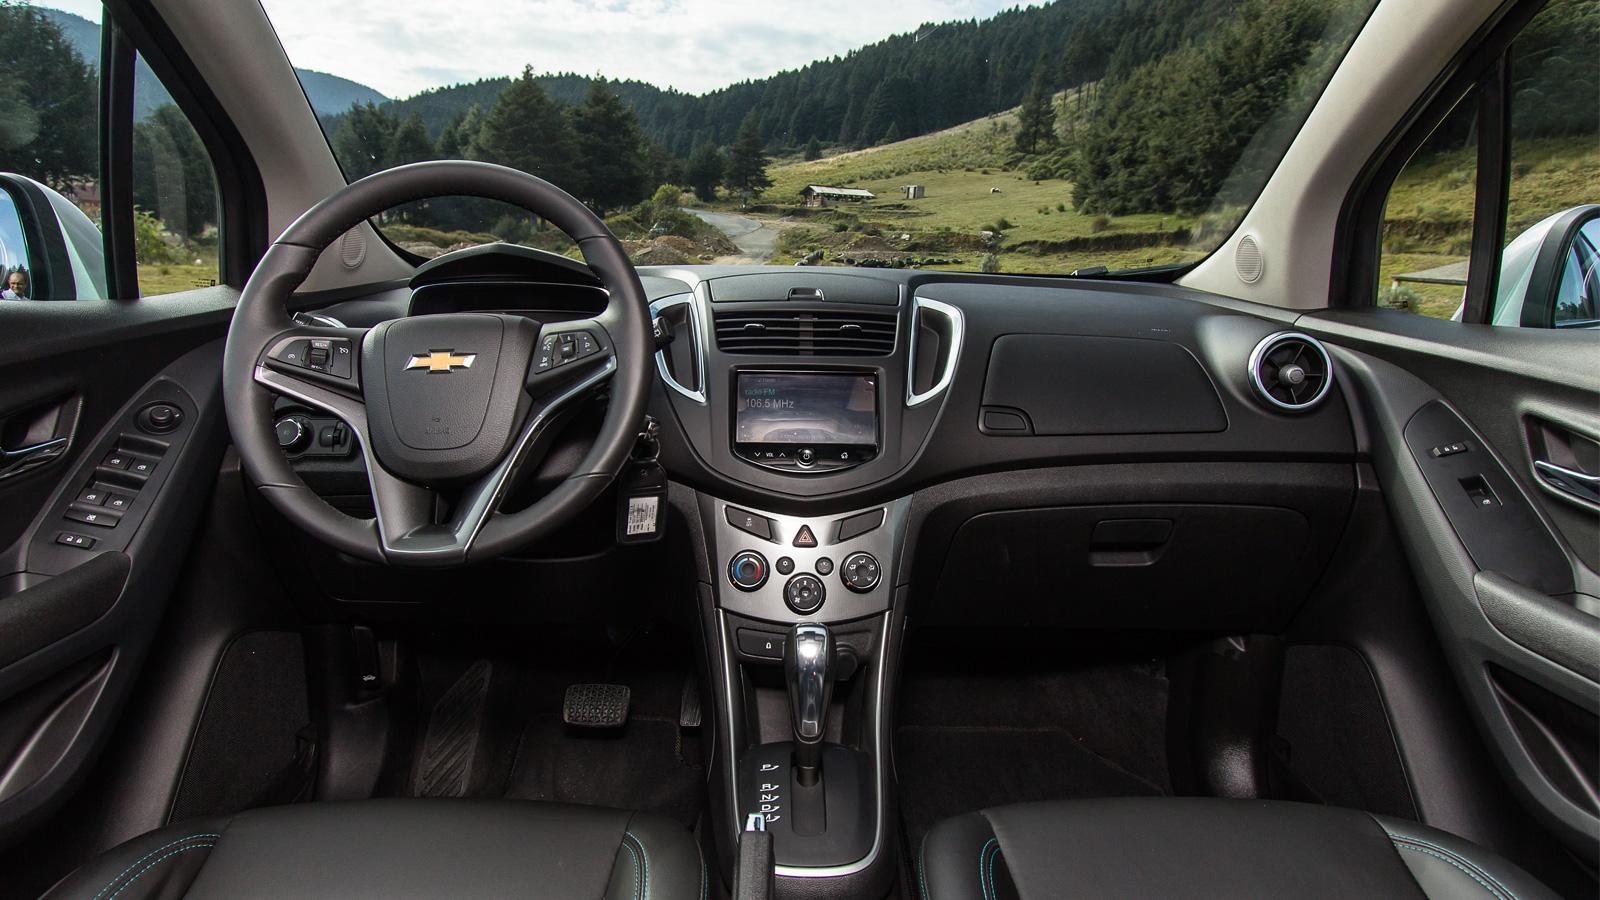 Chevrolet trax ltz 2013 a prueba autocosmos chevrolet trax ltx 2013 sciox Gallery